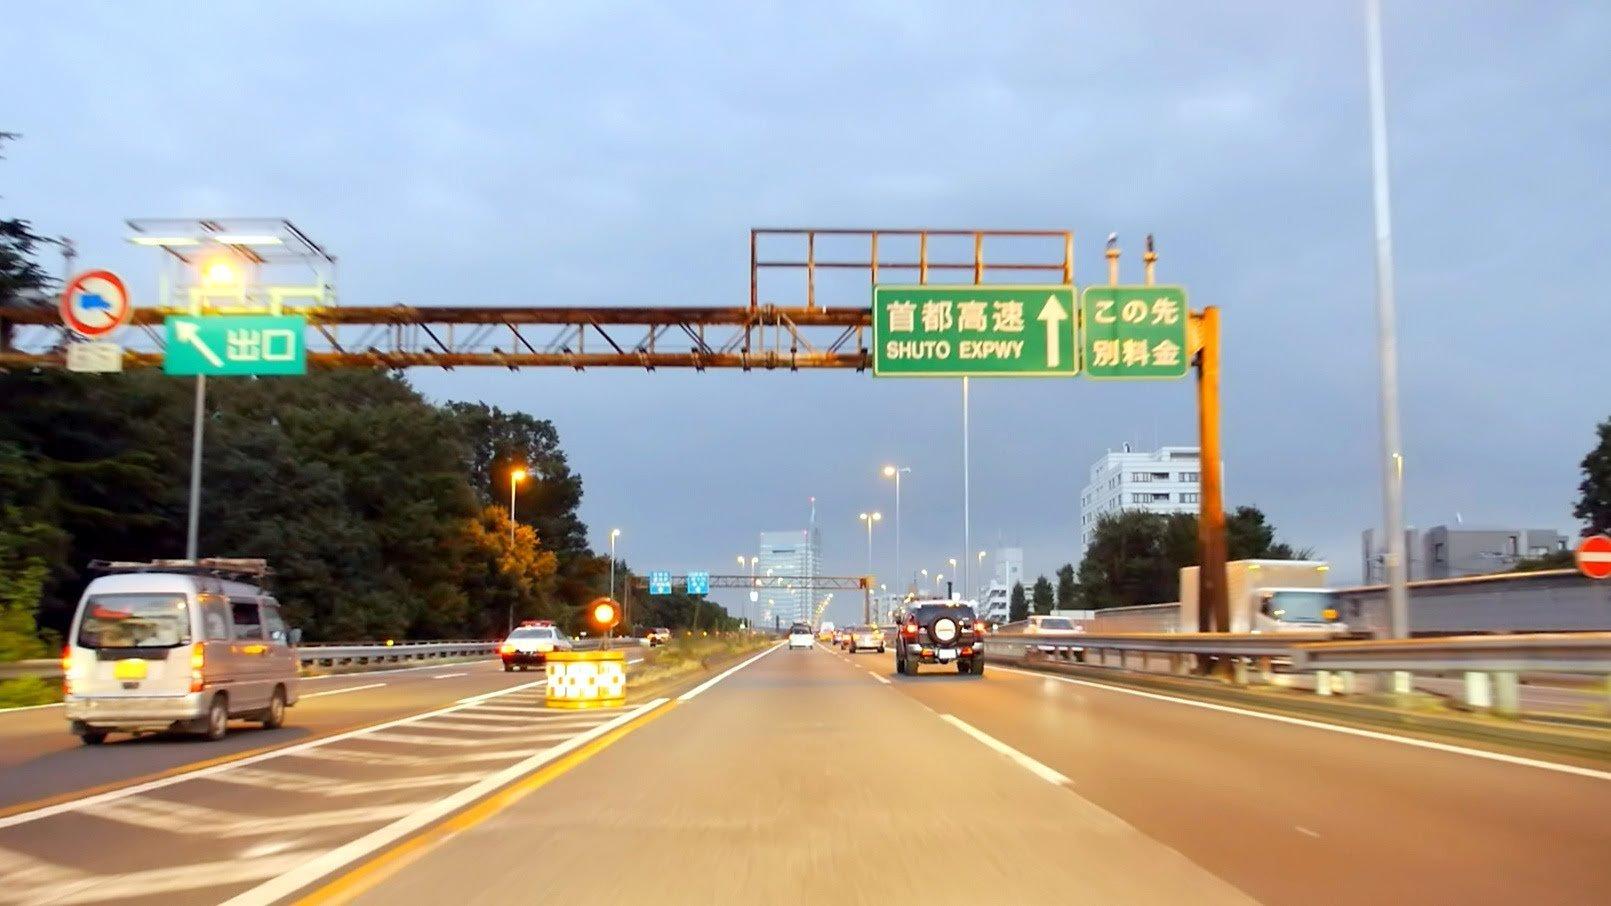 img 5a610e89650c3.png?resize=412,232 - 運転するのがこわ~い!東名高速道路の知識